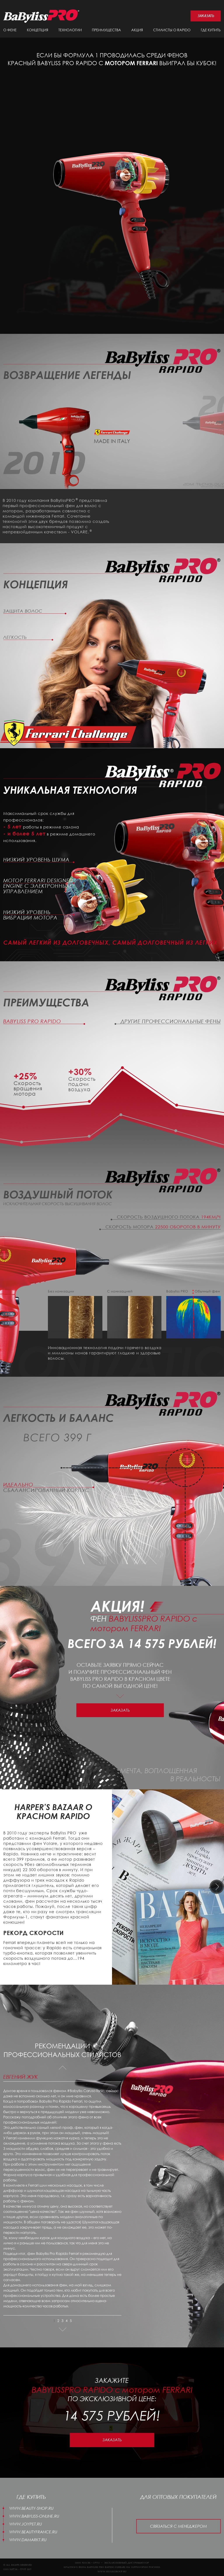 rapido-ferrari-ru-1024xFULLdesktop-eb10e2